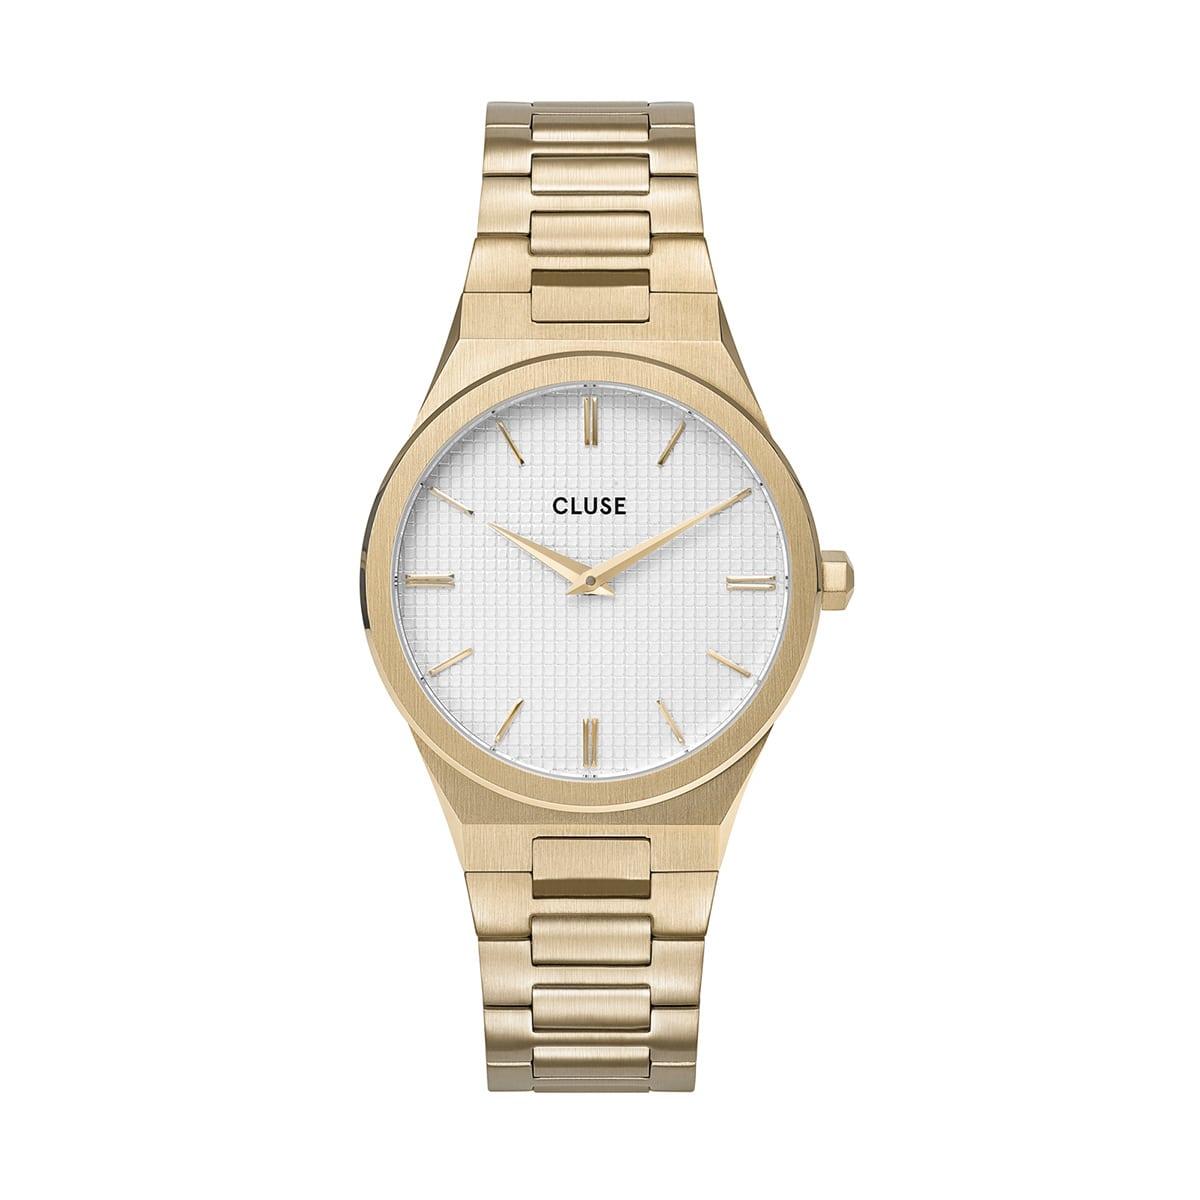 ヴィグルー 33mm レディース CLUSE クルース 腕時計